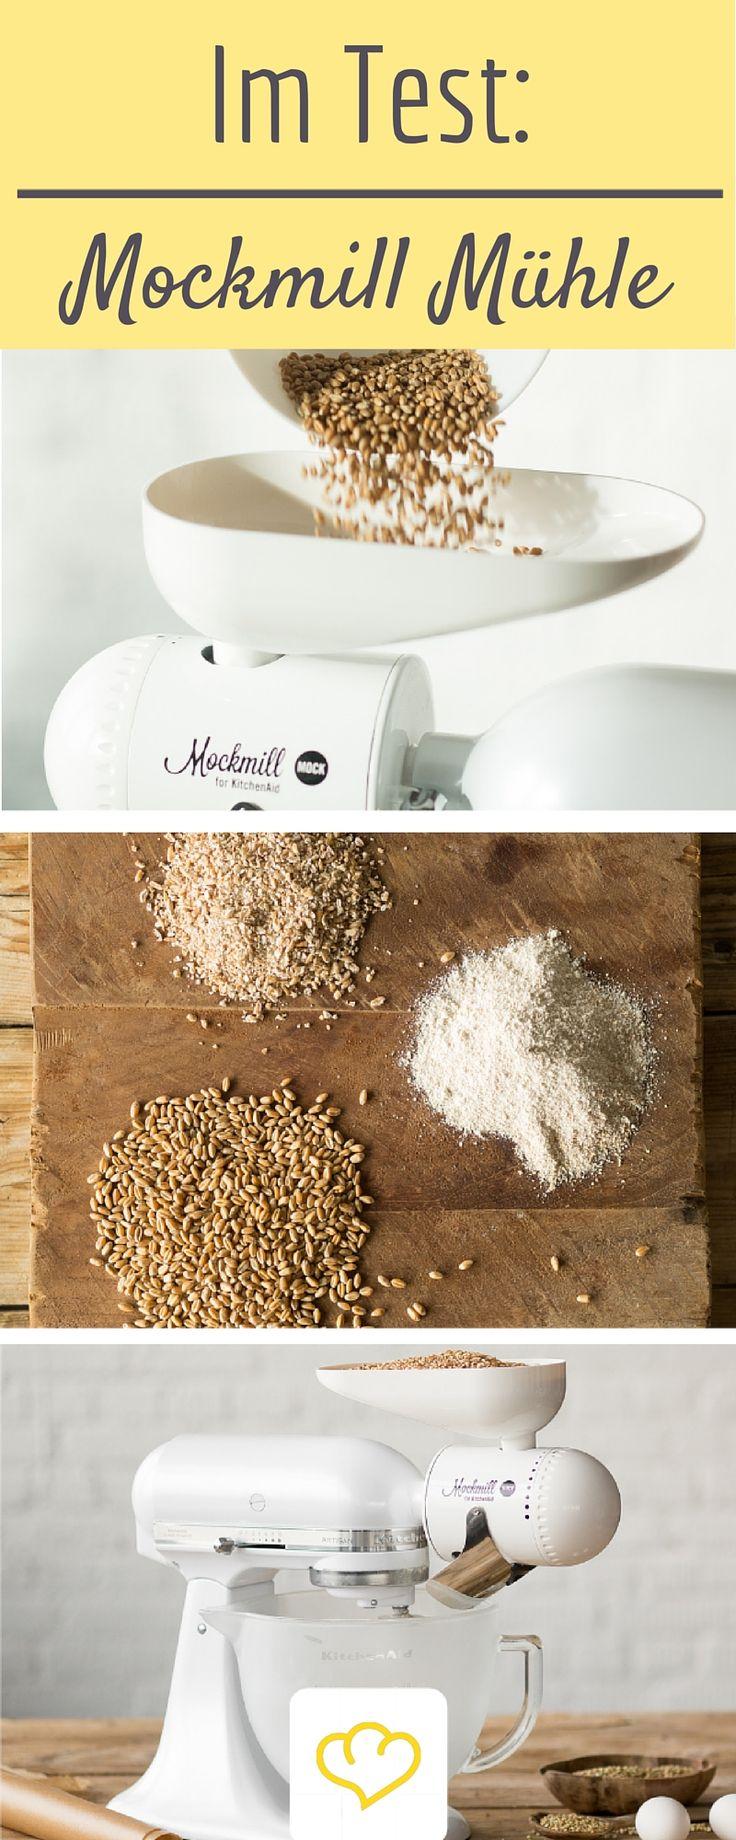 Mit dem KitchenAid Zubehör von Mockmill wird deine Küchenmaschine zur Getreidemühle! Ob sich die Anschaffung lohnt? Wir haben den Test gemacht!